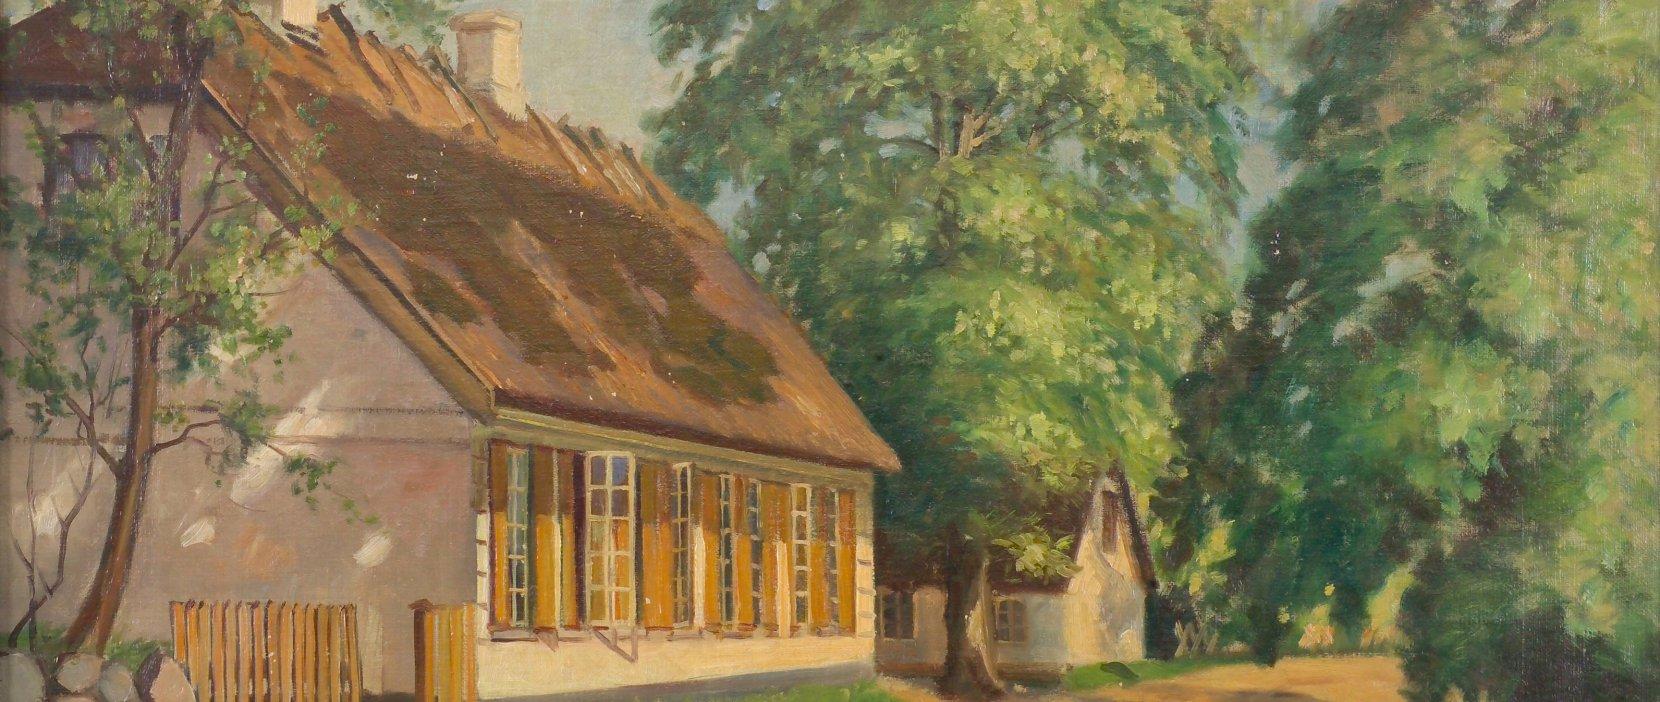 Høsterkøb Gamle Skole Maleri af Edmond Petersen